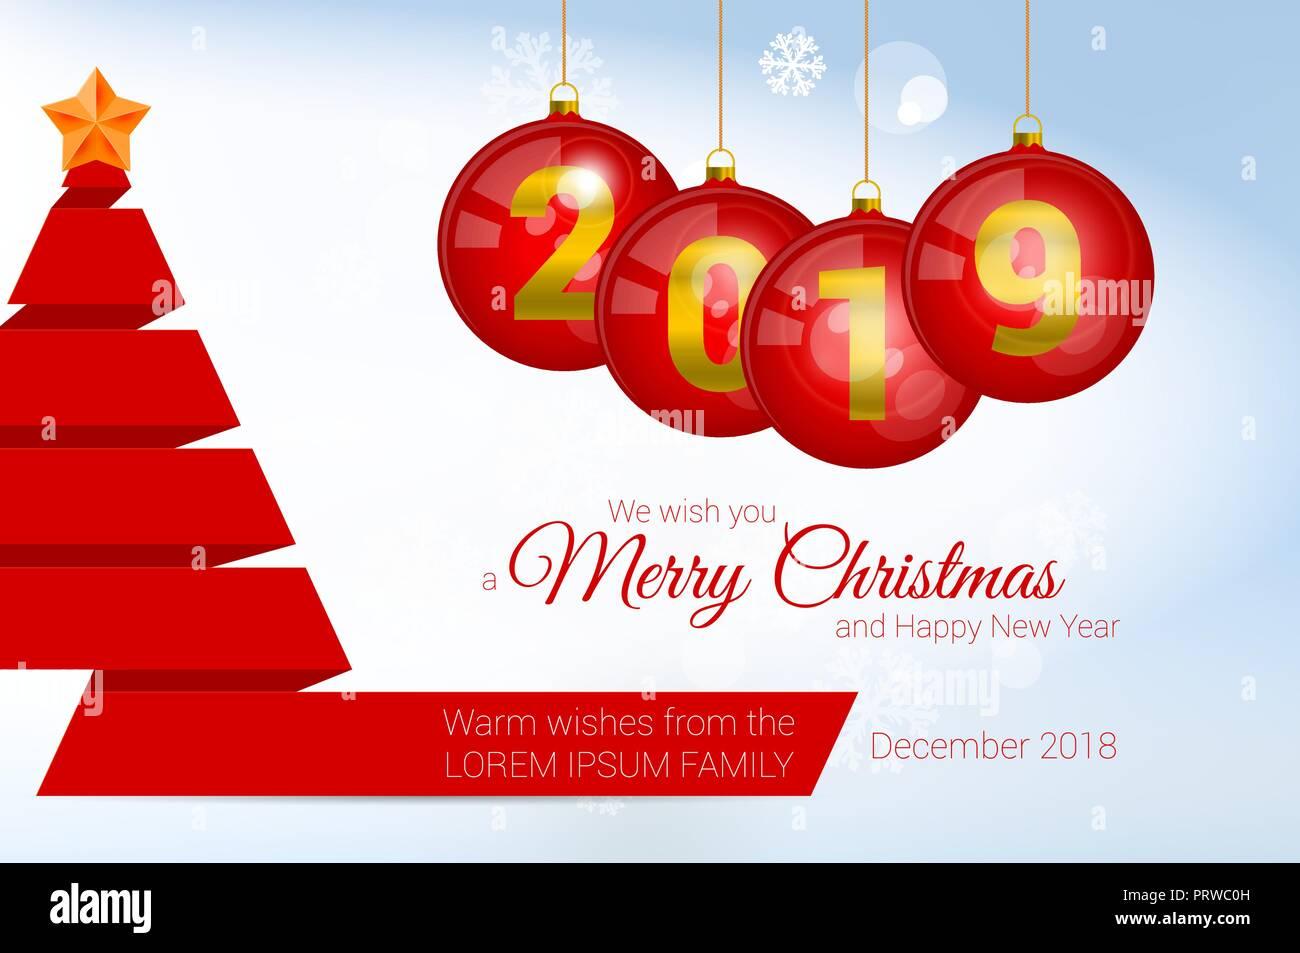 Frohe Weihnachten Und Guten Rutsch In Neues Jahr.2019 Vector Weihnachten Grusskarte Vorlage Frohe Weihnachten